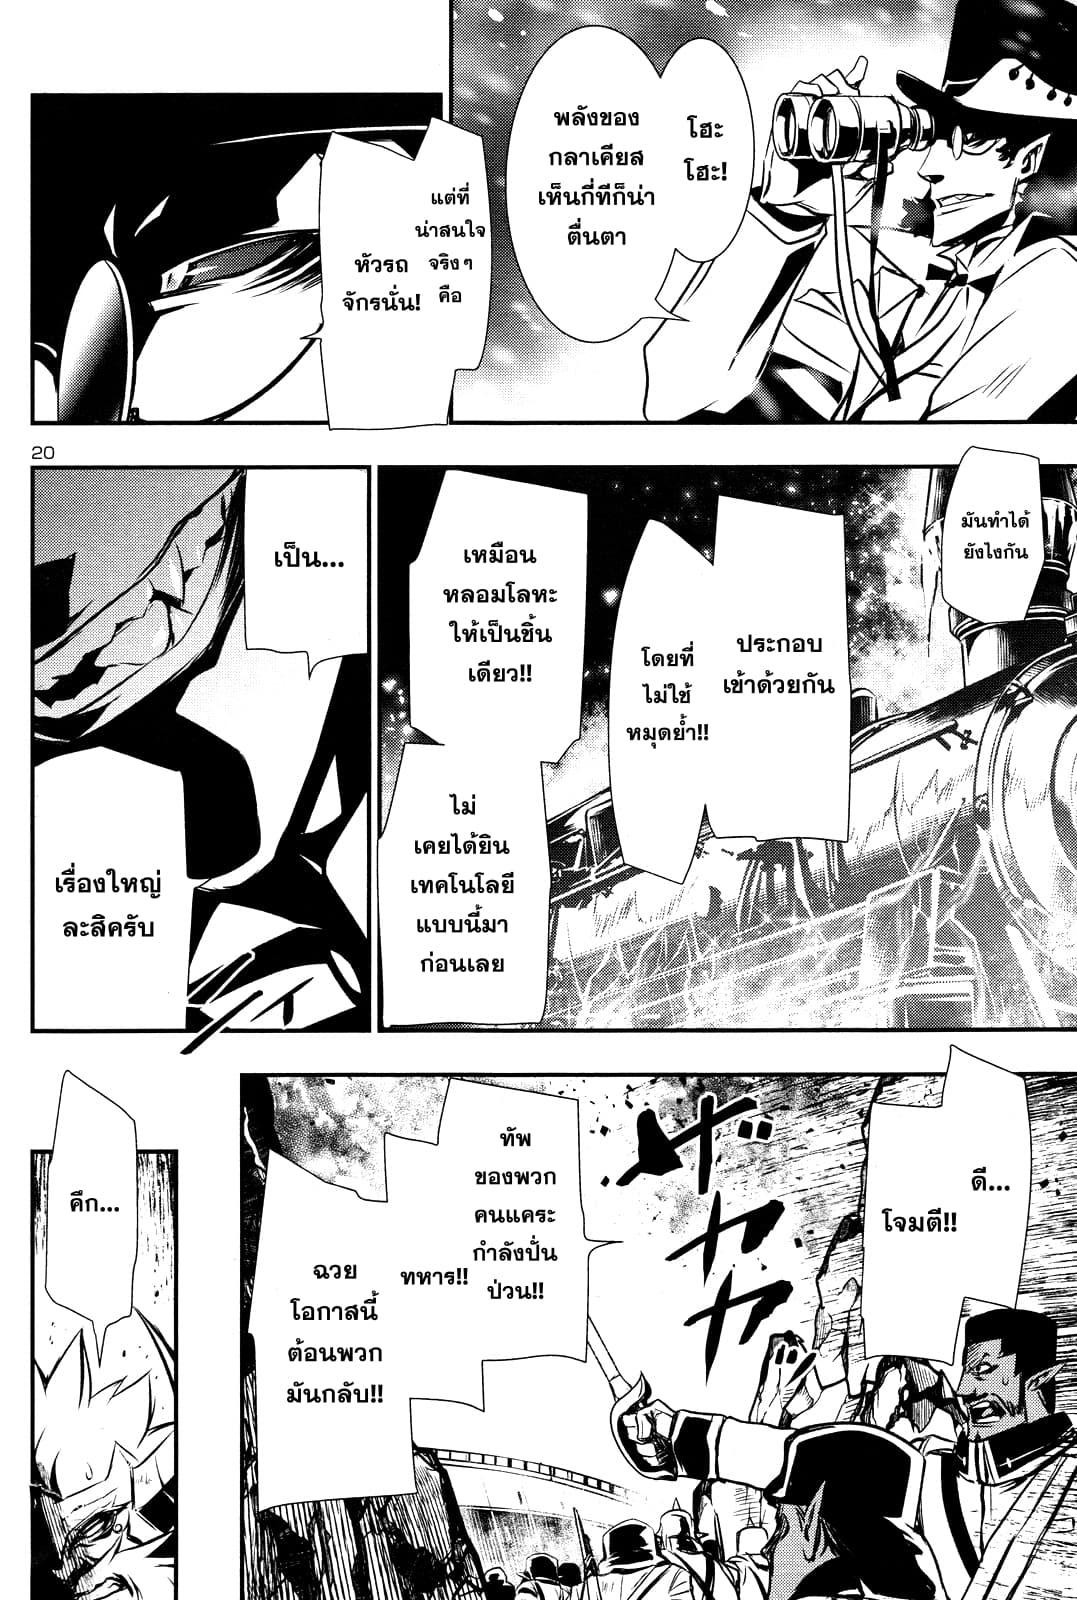 อ่านการ์ตูน Shinju no Nectar ตอนที่ 12 หน้าที่ 20